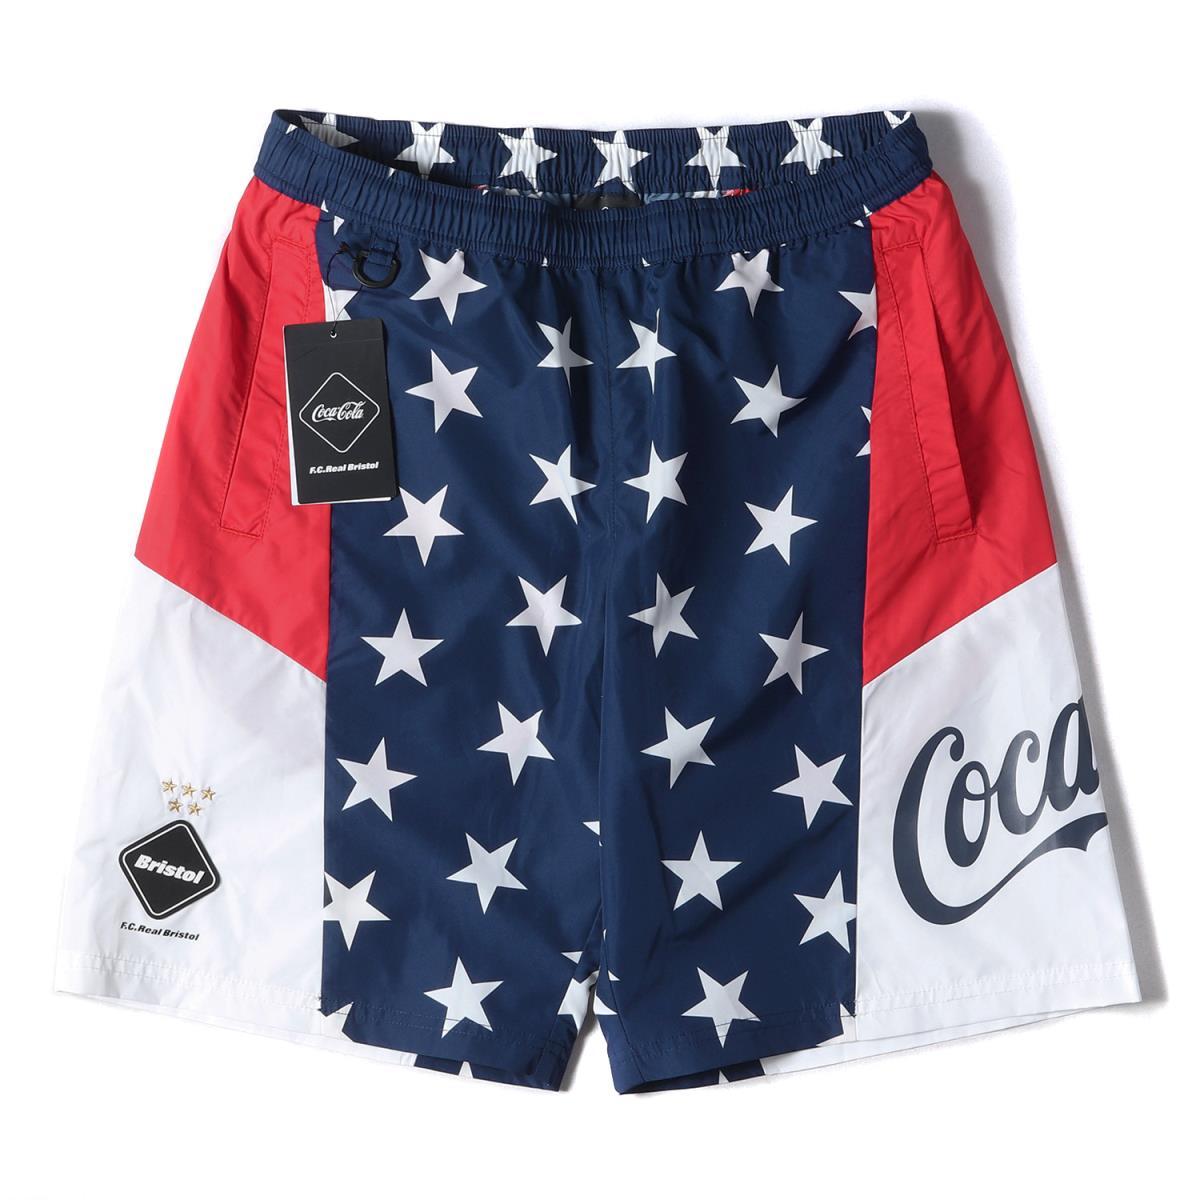 メンズファッション, ズボン・パンツ FCRB Coca-Cola MULTI PATTERN SHORTS 20SS S K3076